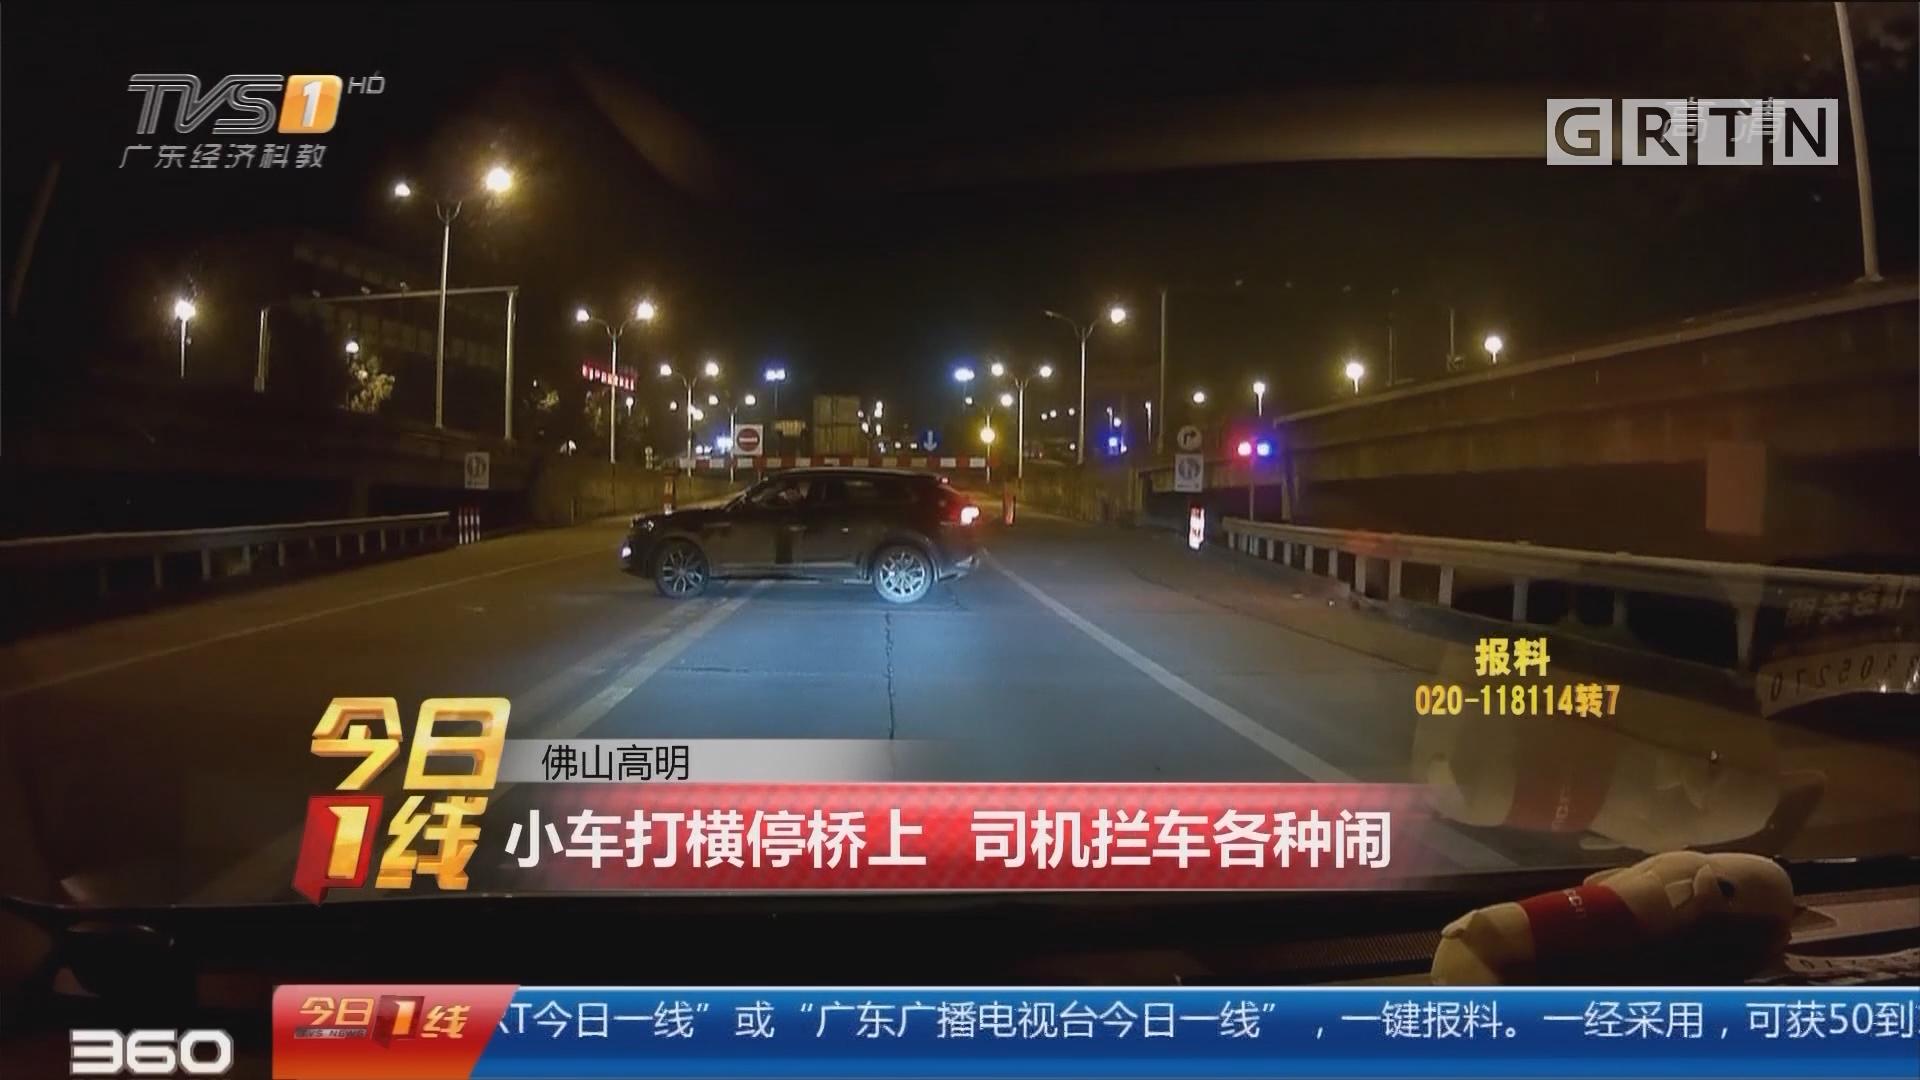 佛山高明:小车打横停桥上 司机拦车各种闹